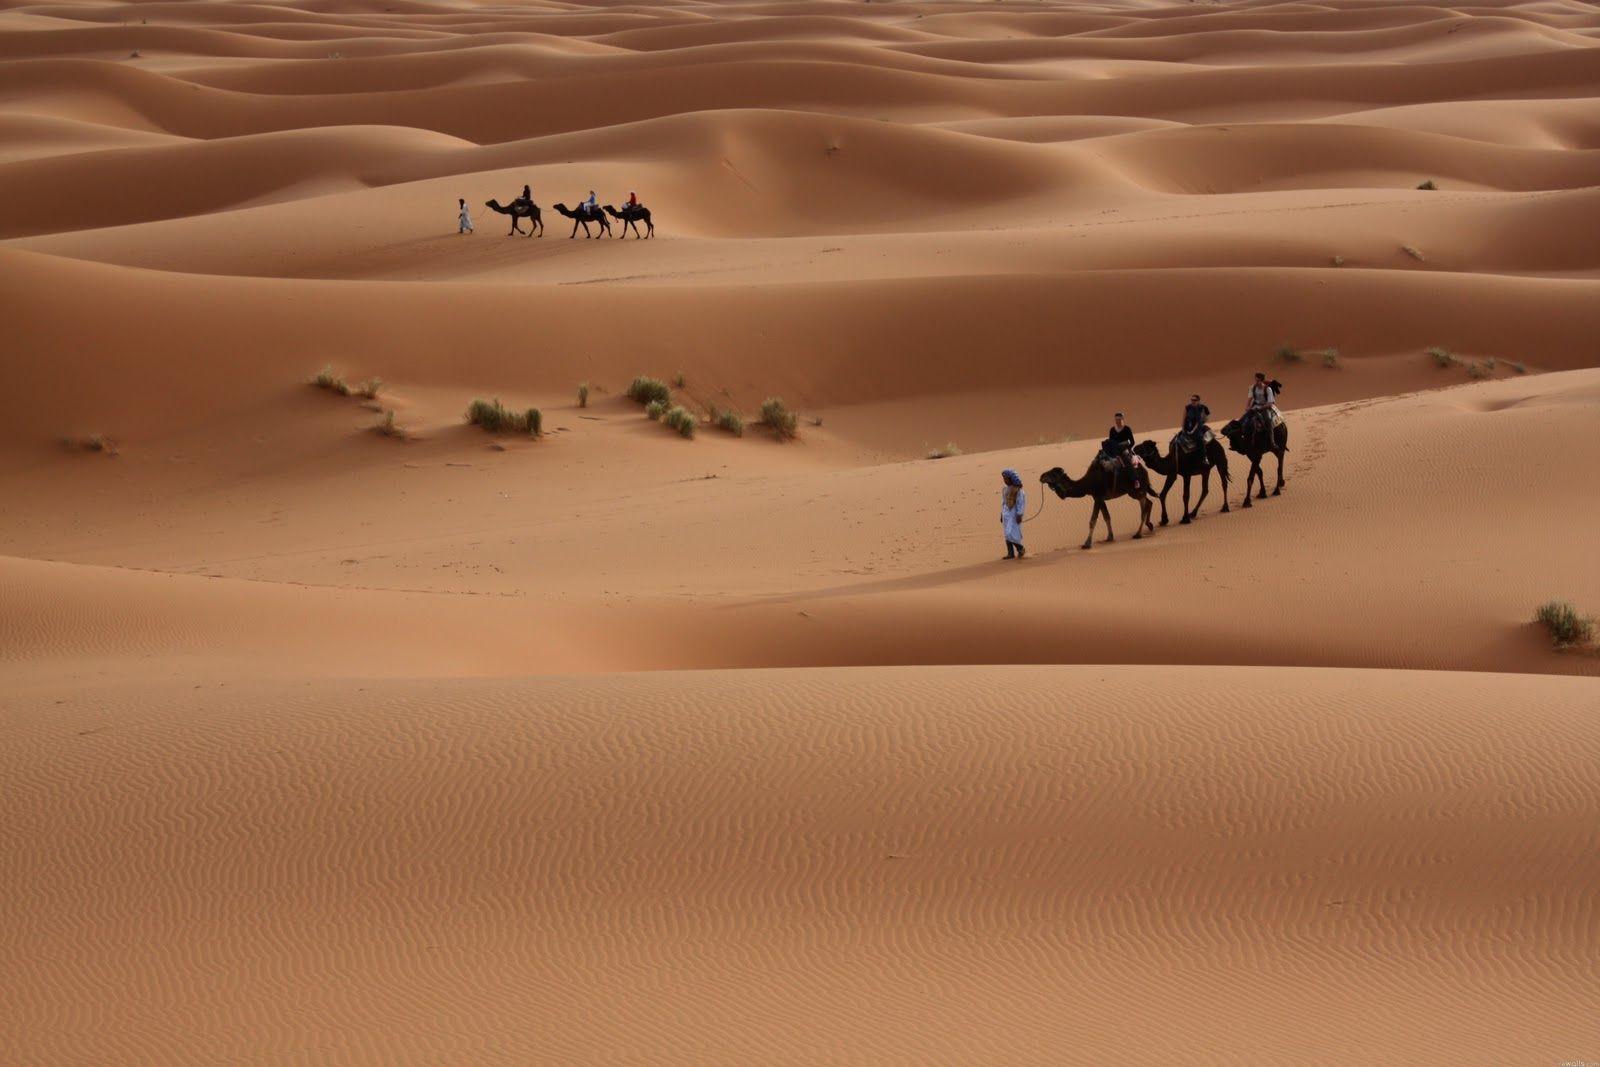 Wallpapers Hd Desert Hd Wallpaper Fond D Ecran Desert Hd Wallpaper Desert Tour Desert Life Tourist Spots